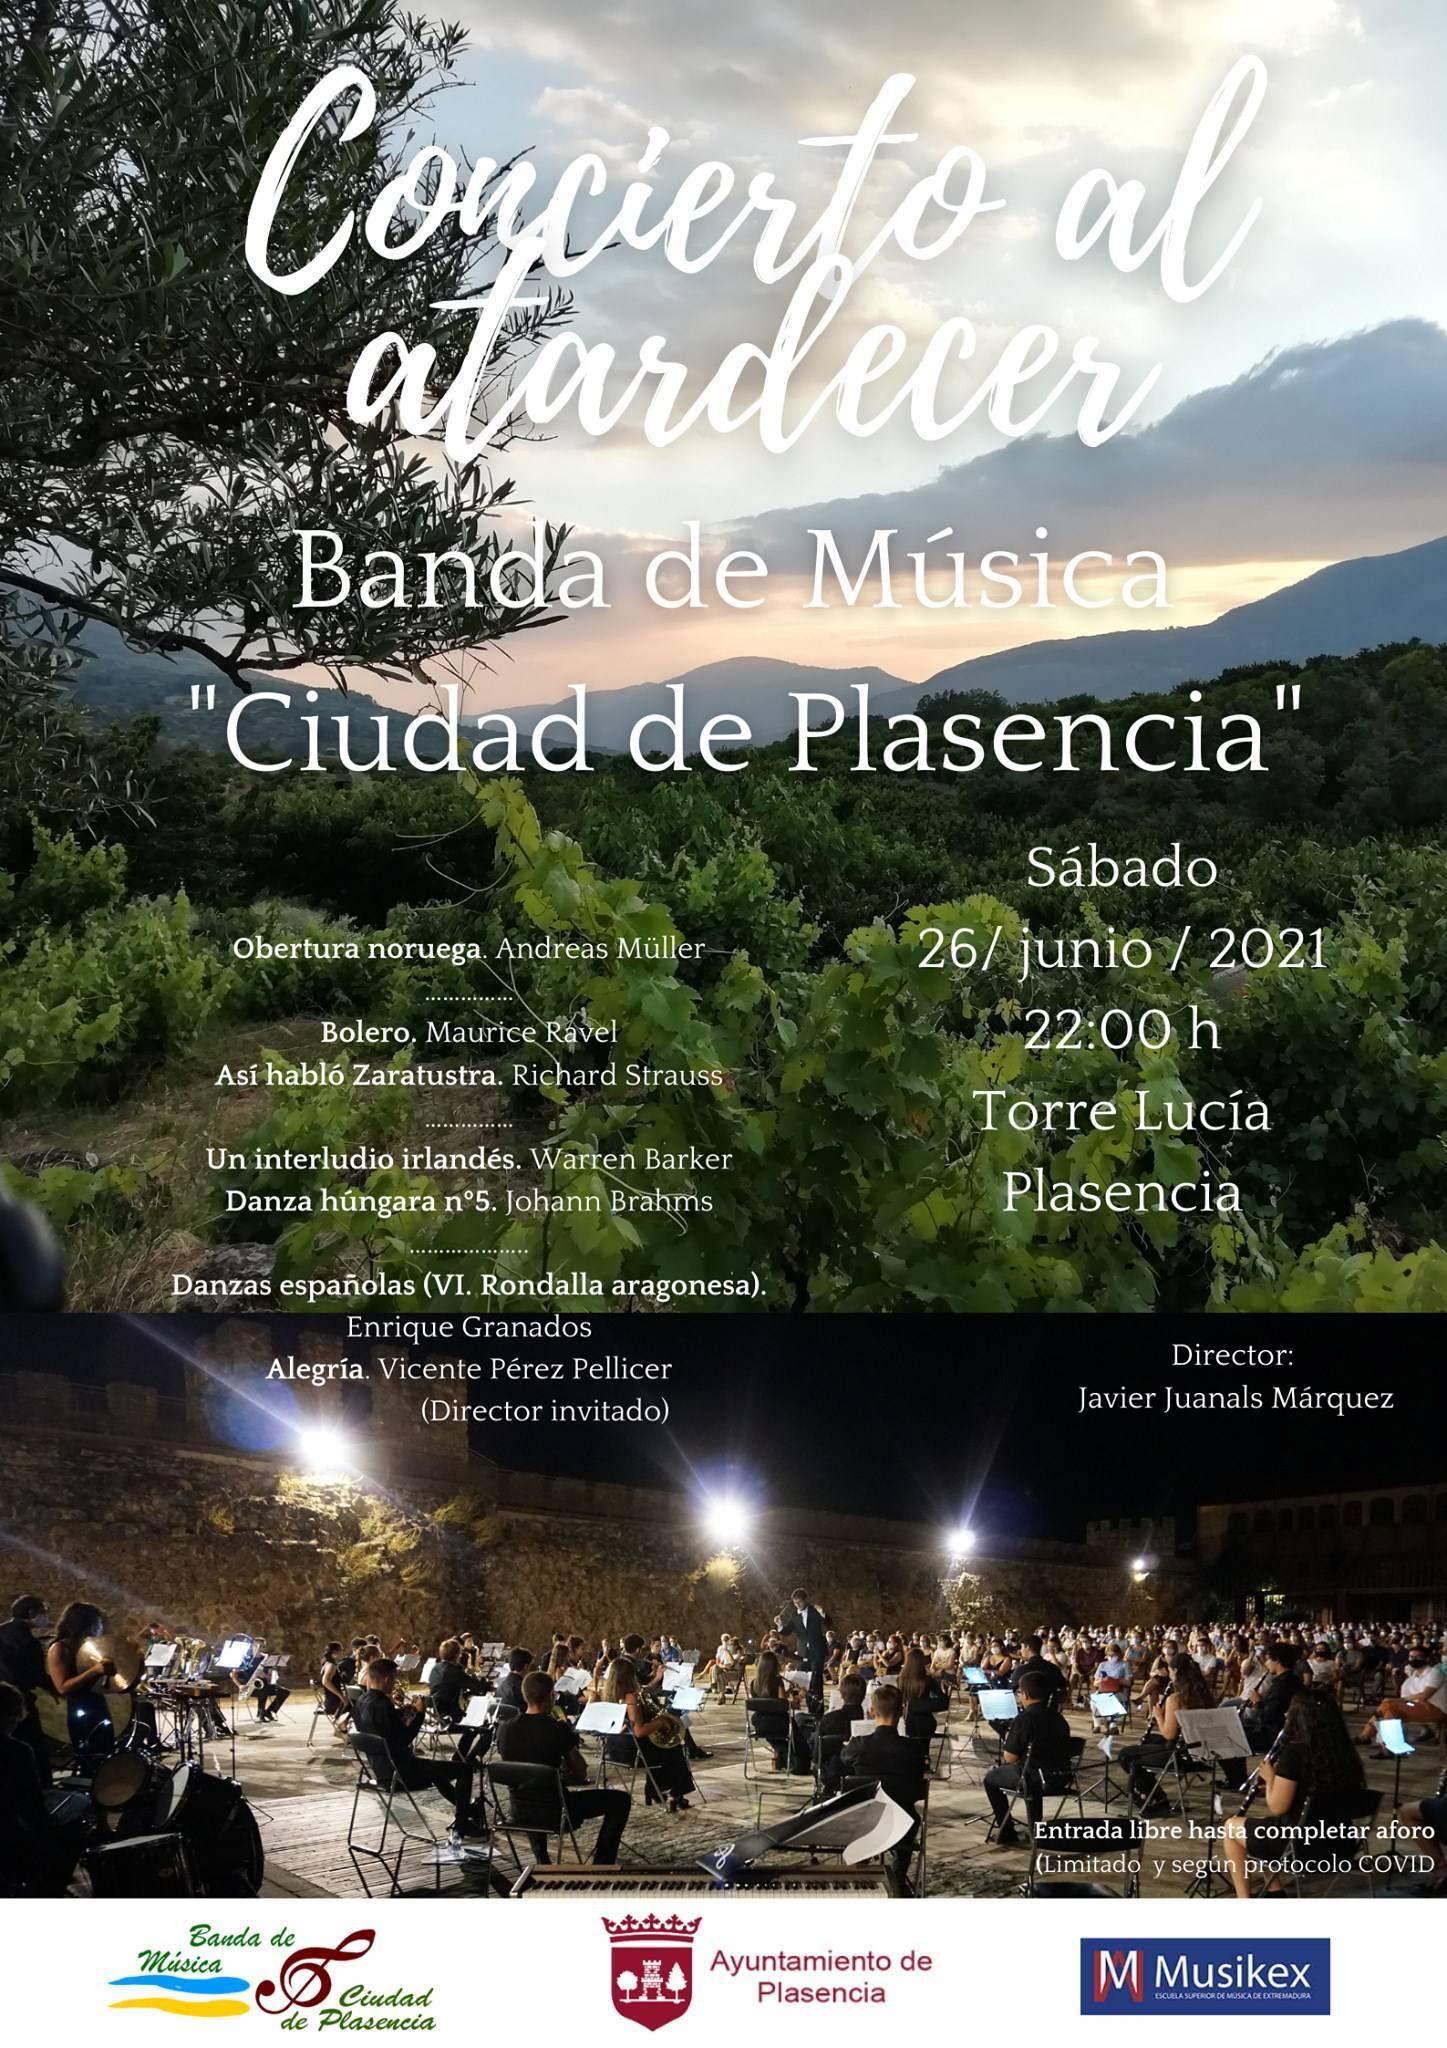 Concierto al atardecer (junio 2021) - Plasencia (Cáceres)